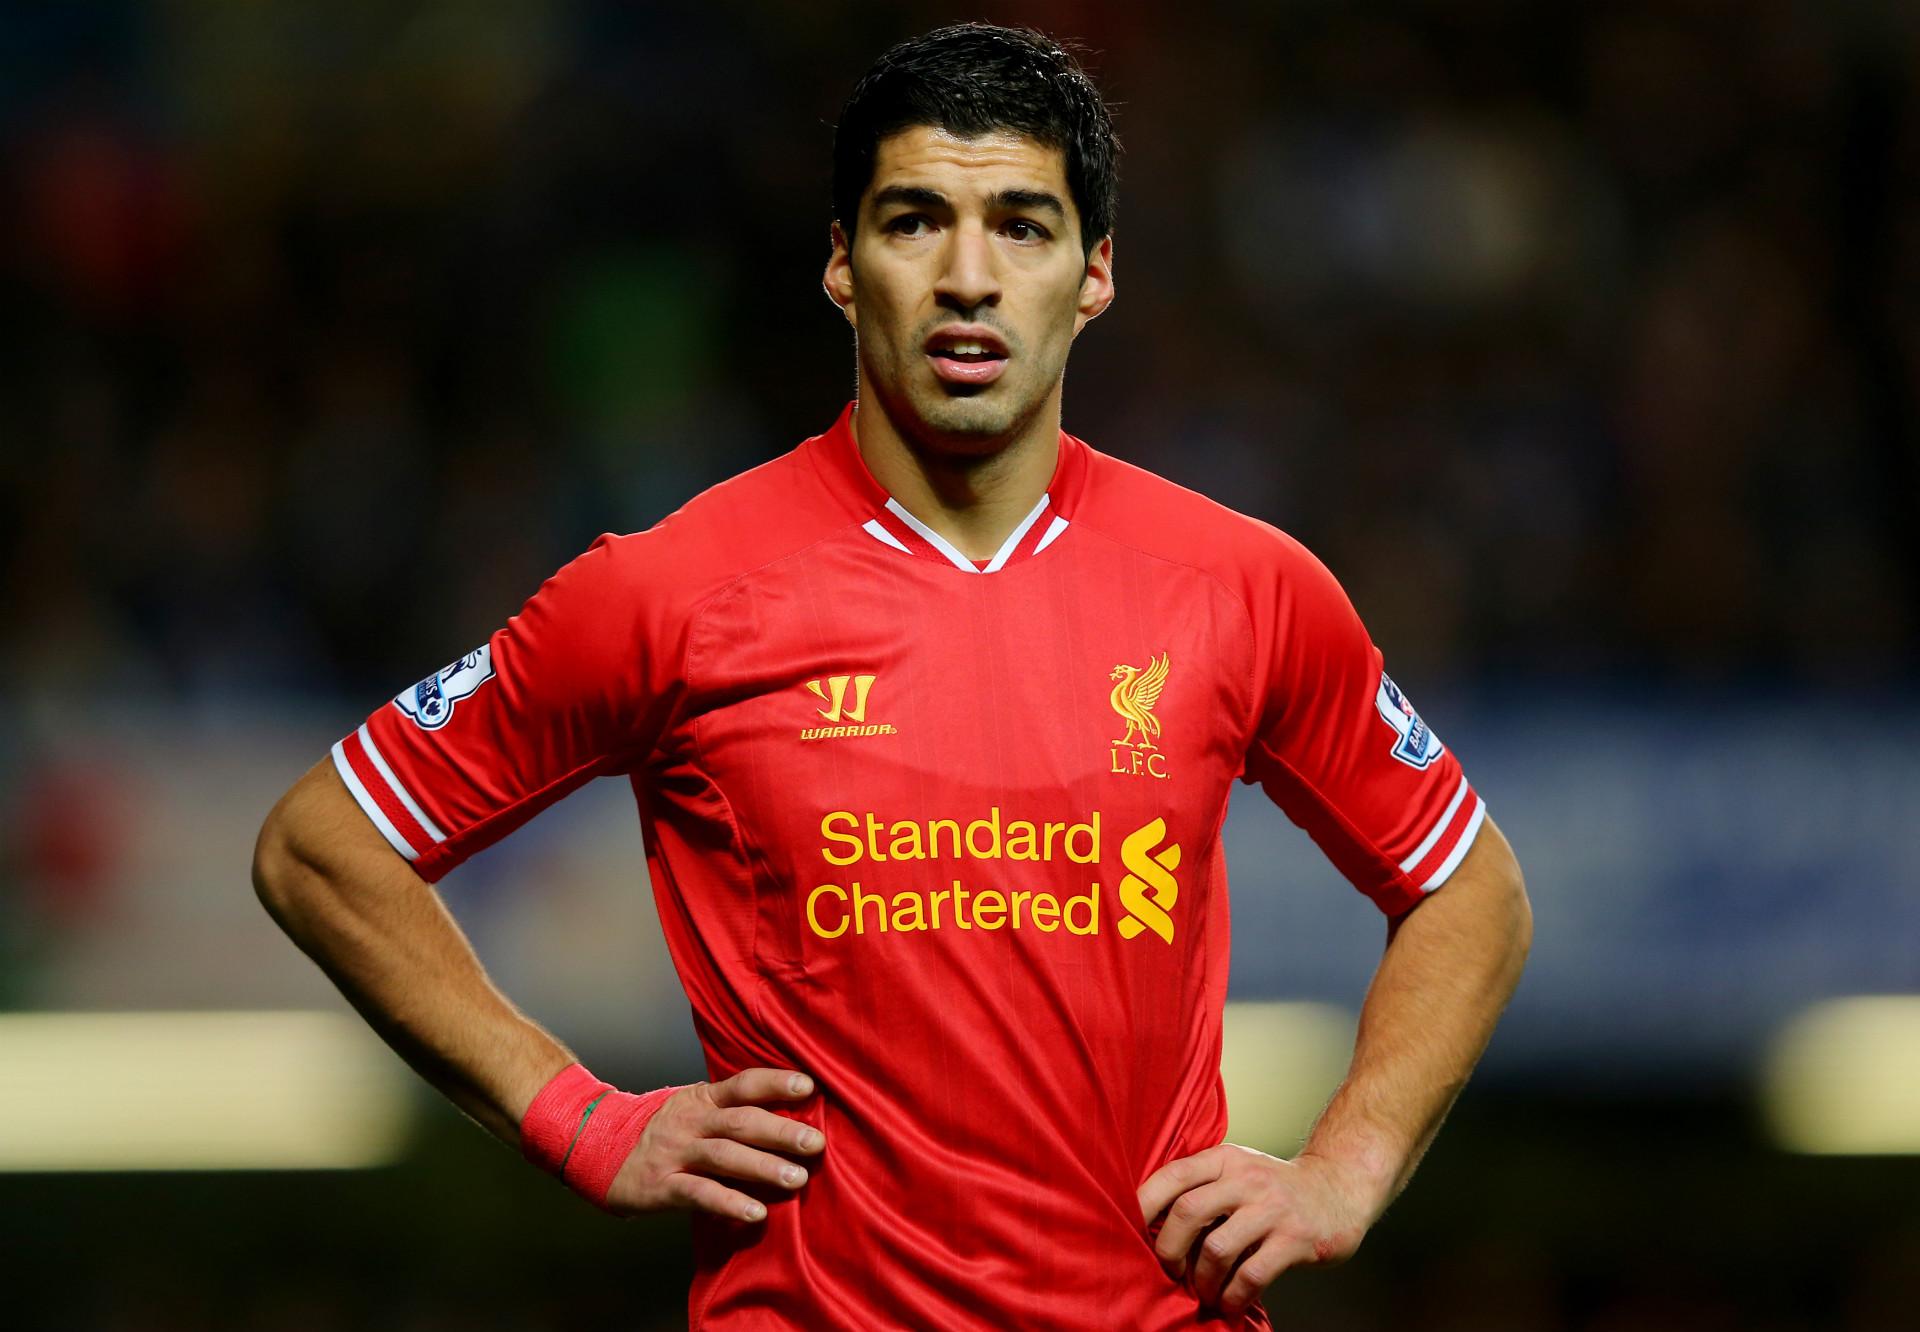 Quên Suarez đi, Liverpool không phải đội-bóng-1-người - Bóng Đá